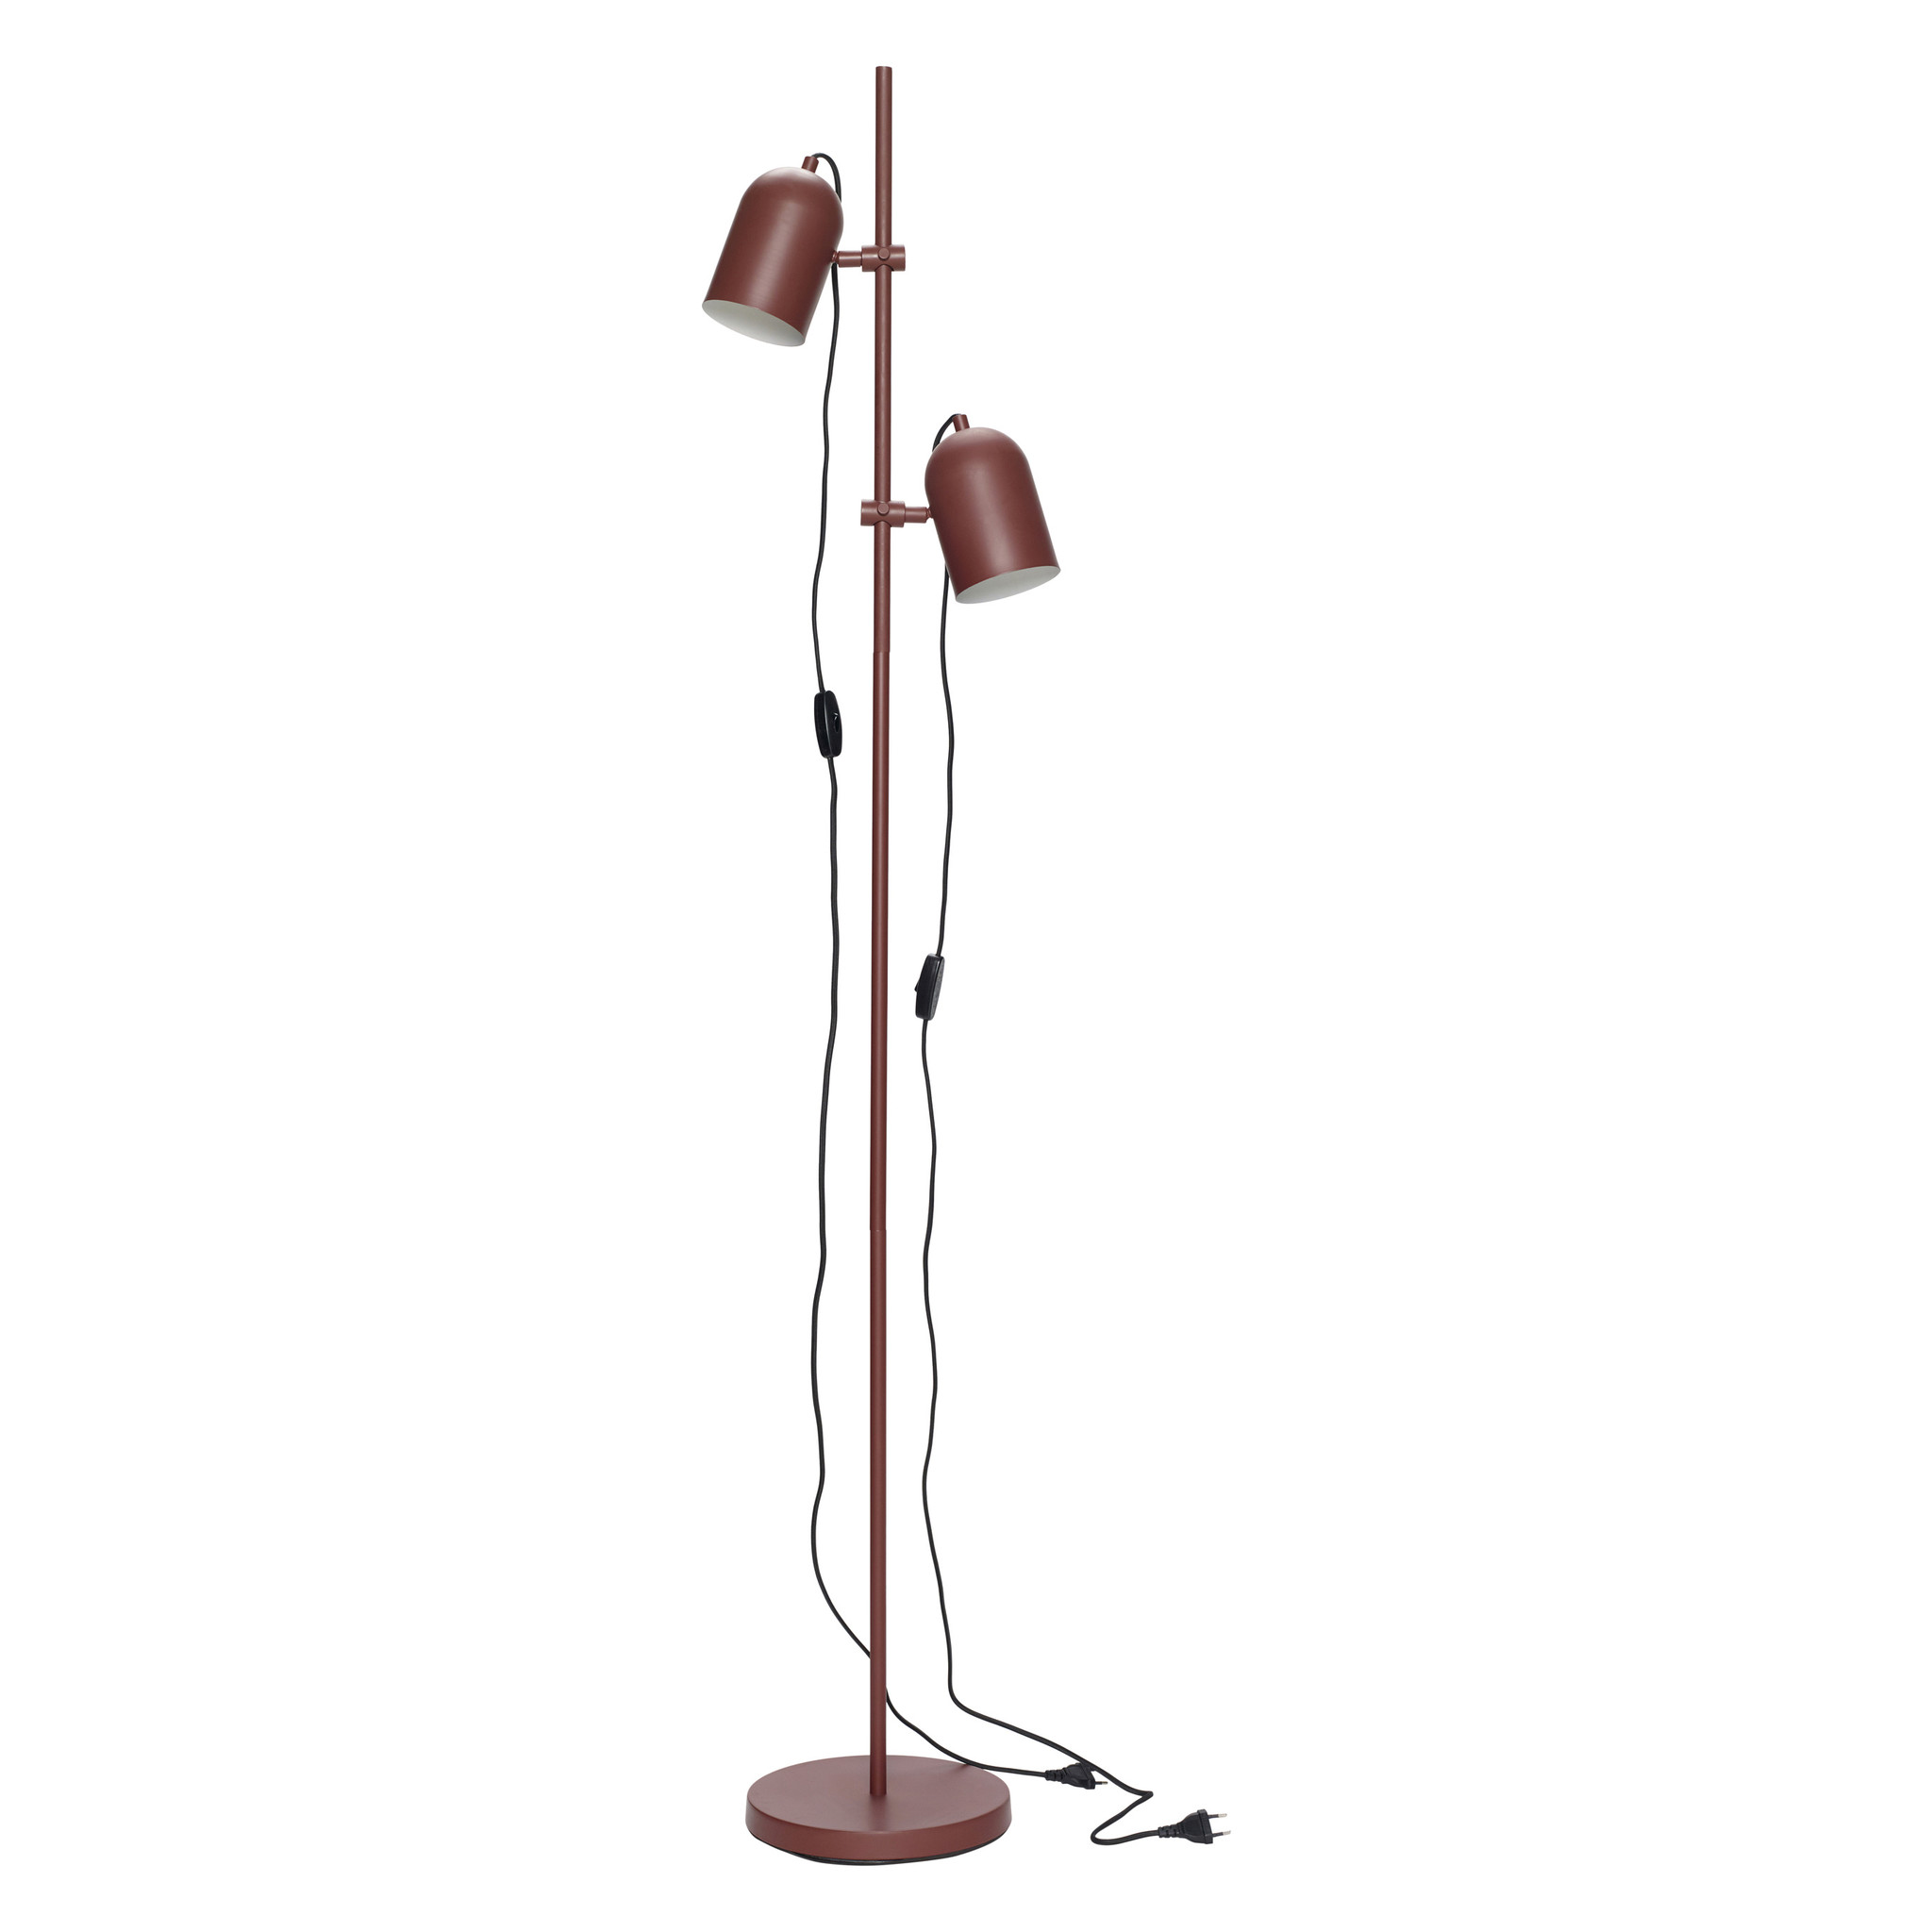 Hubsch Staande lamp, rood, metaal-990801-5712772068830